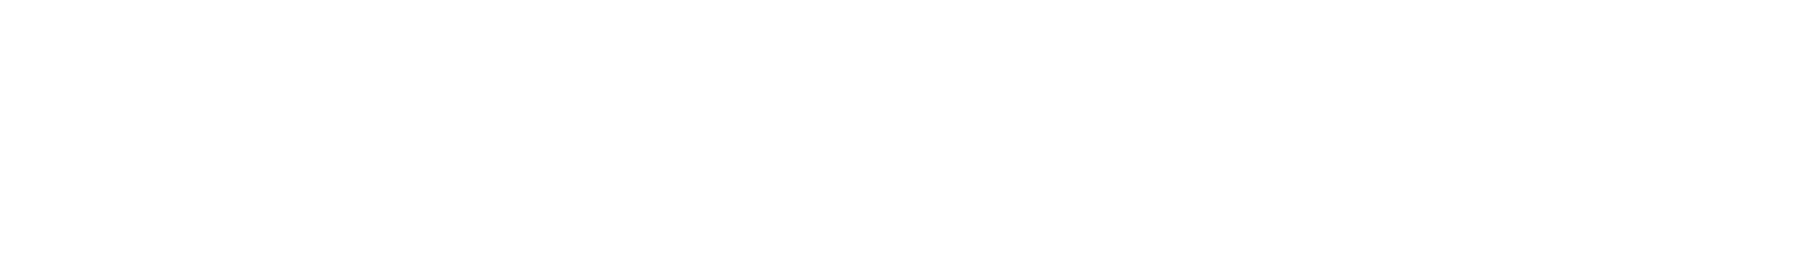 blbc cinedrumsa 130 01